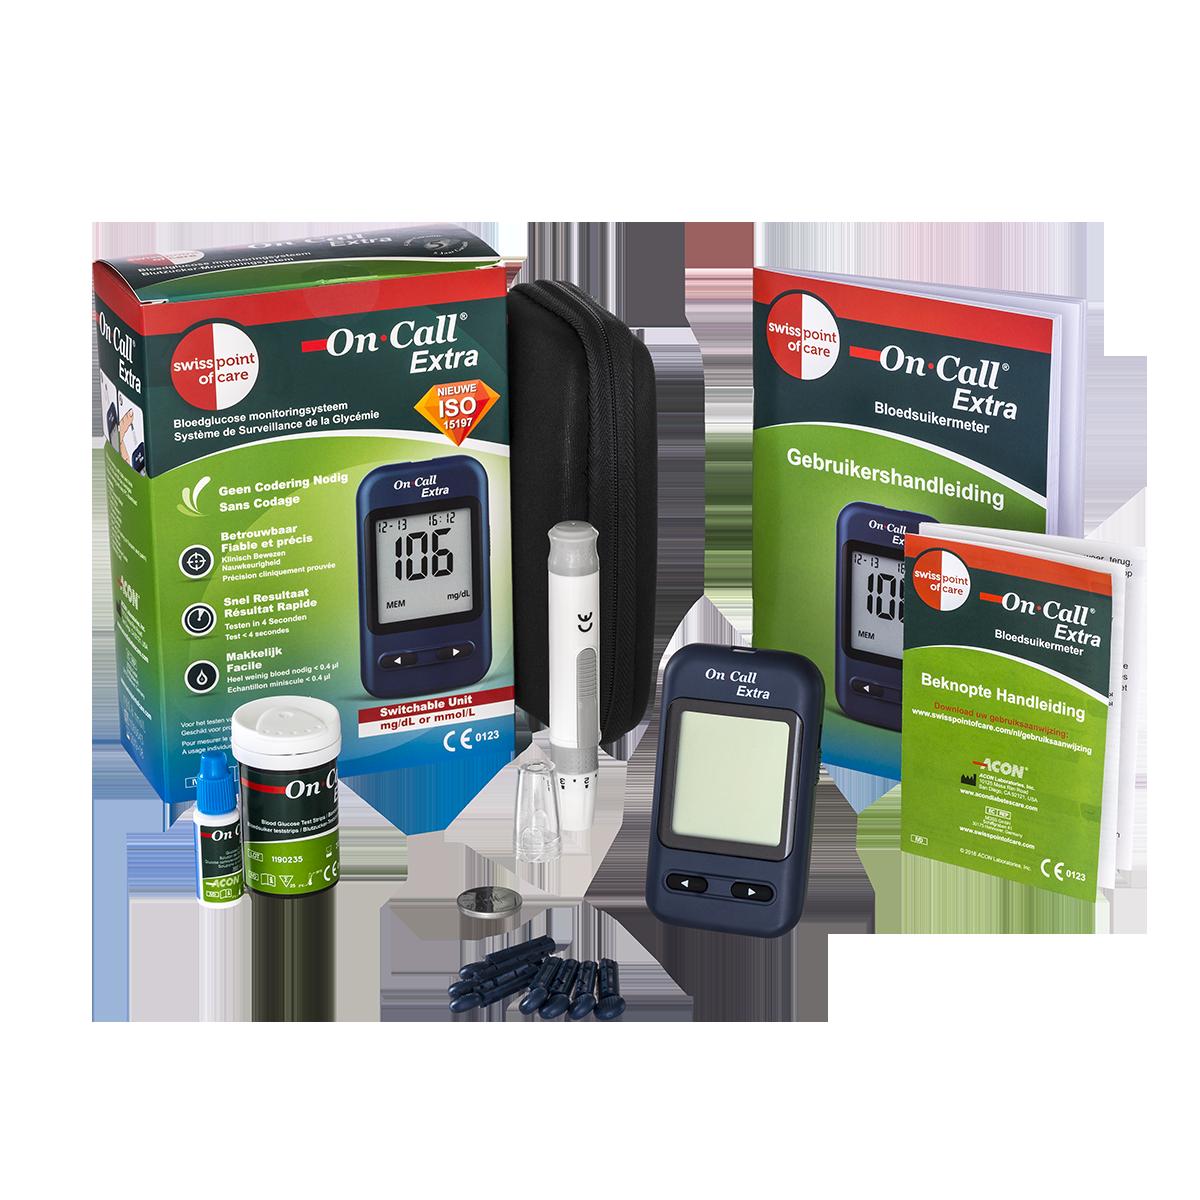 On Call® Extra Glukosemessgerät Starterpack (inkl. 10 Streifen)